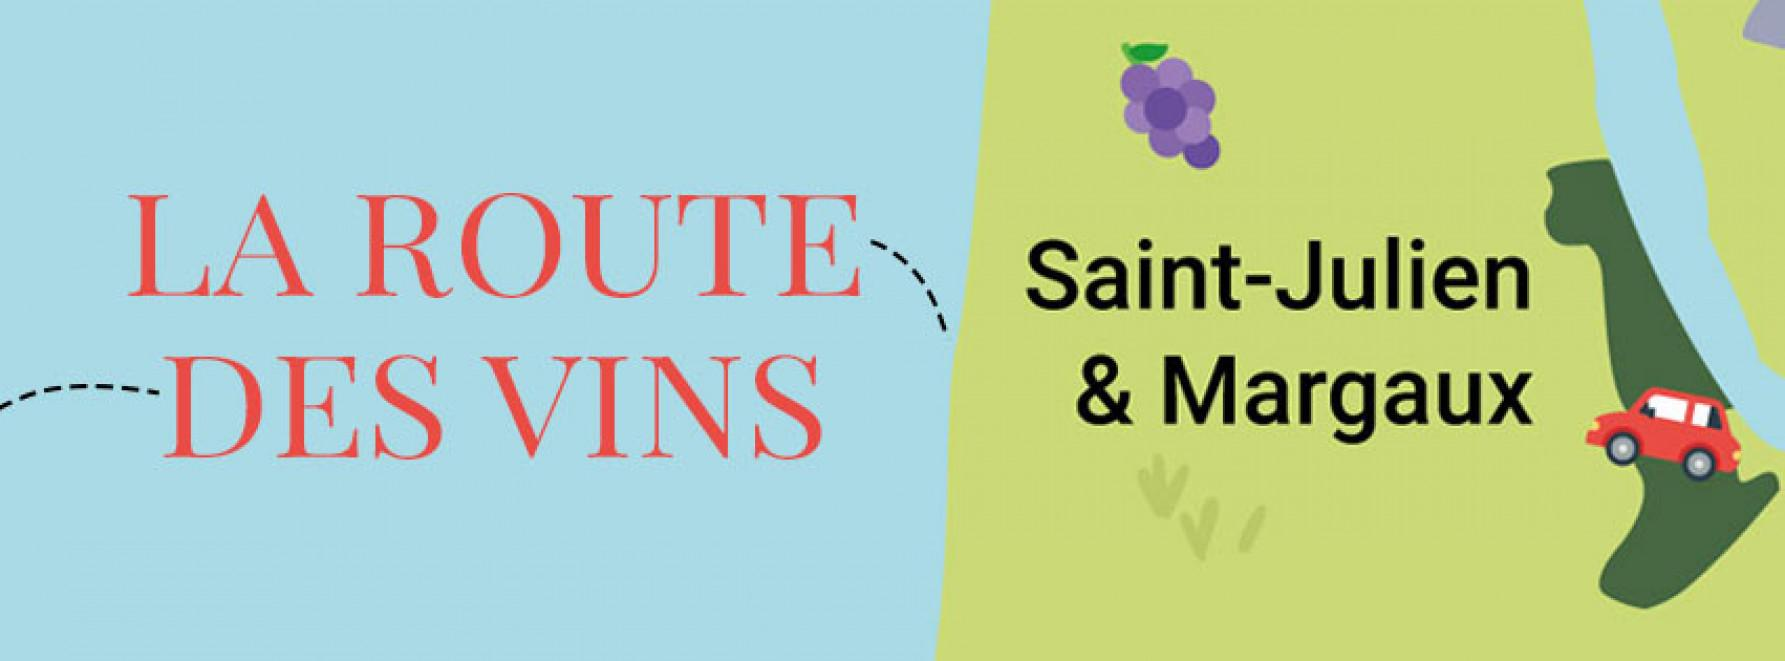 La route des vins : direction Margaux et Saint-Julien